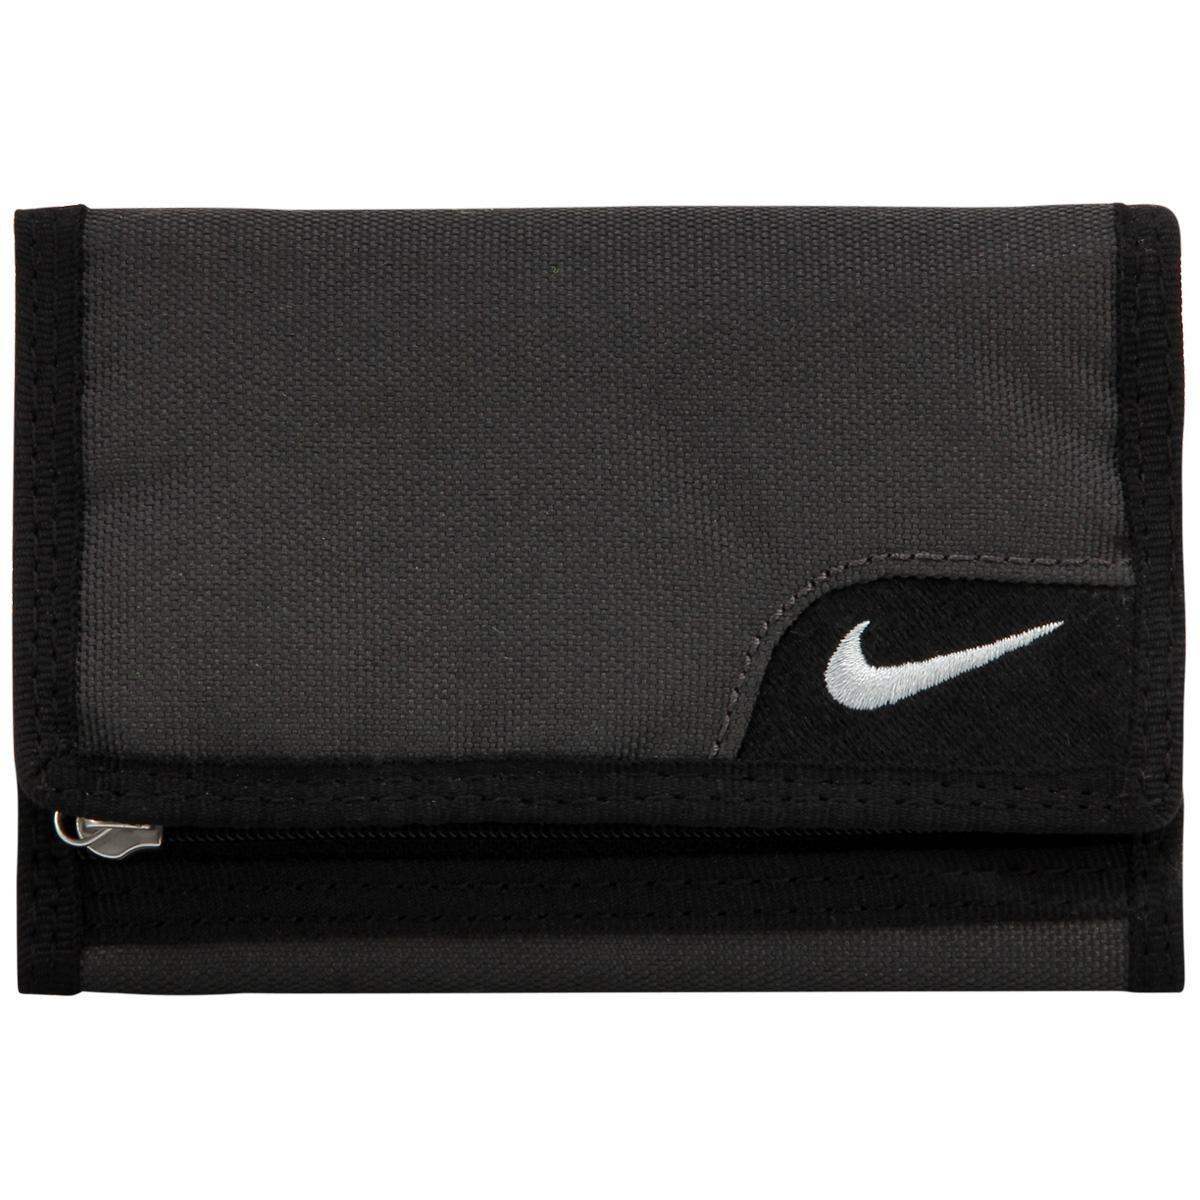 d0d0b79a0 Carteira Nike Bank | Netshoes